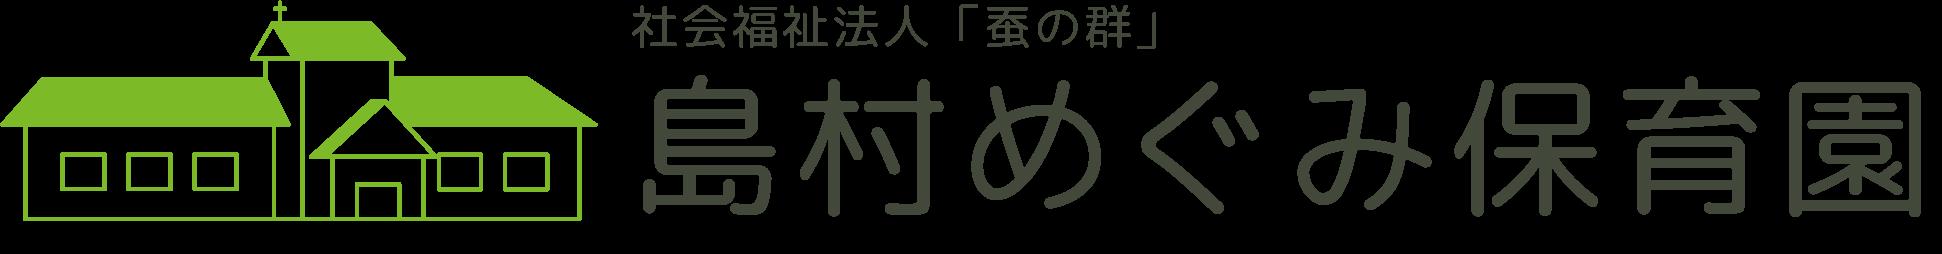 島村めぐみ保育園